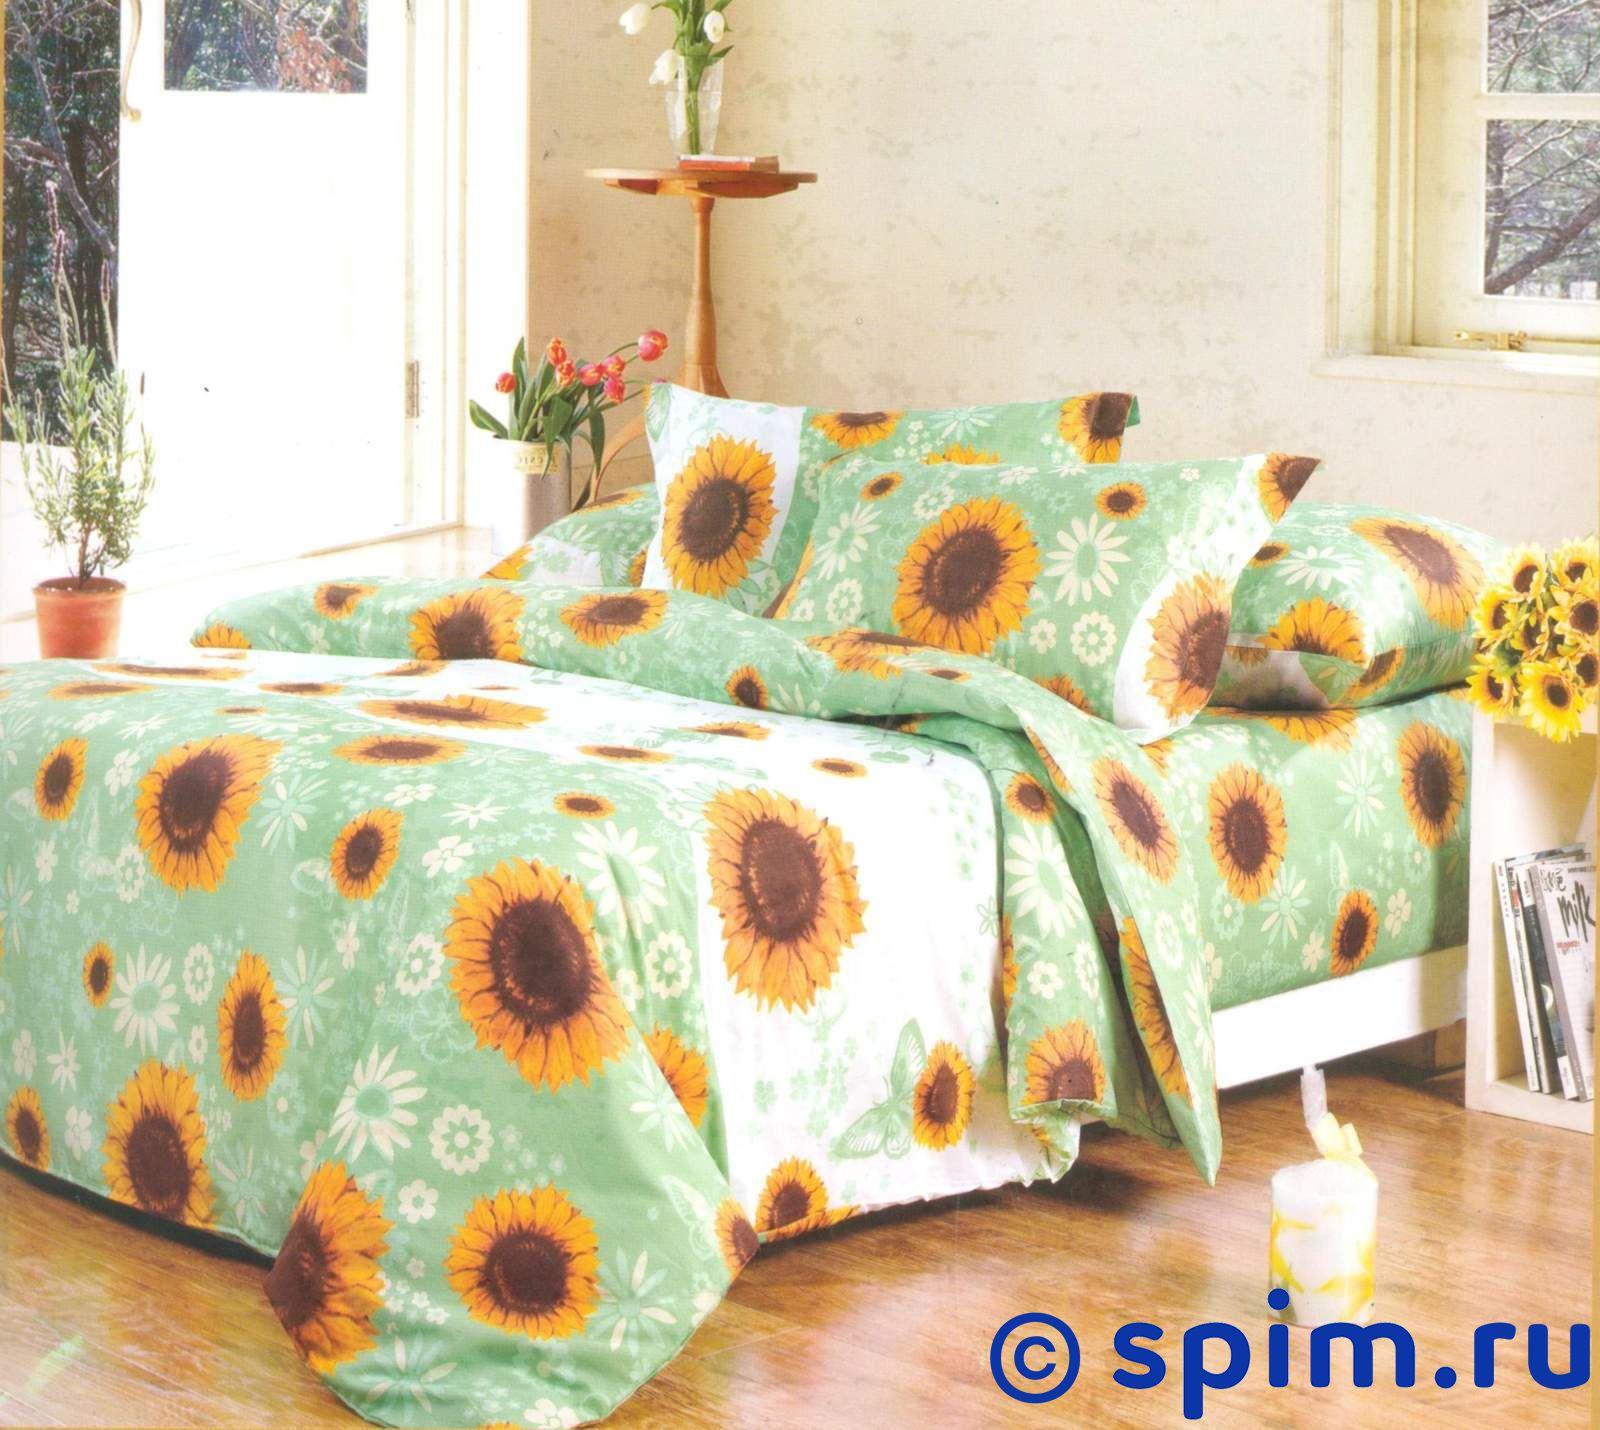 Комплект СайлиД А116 1.5 спальное